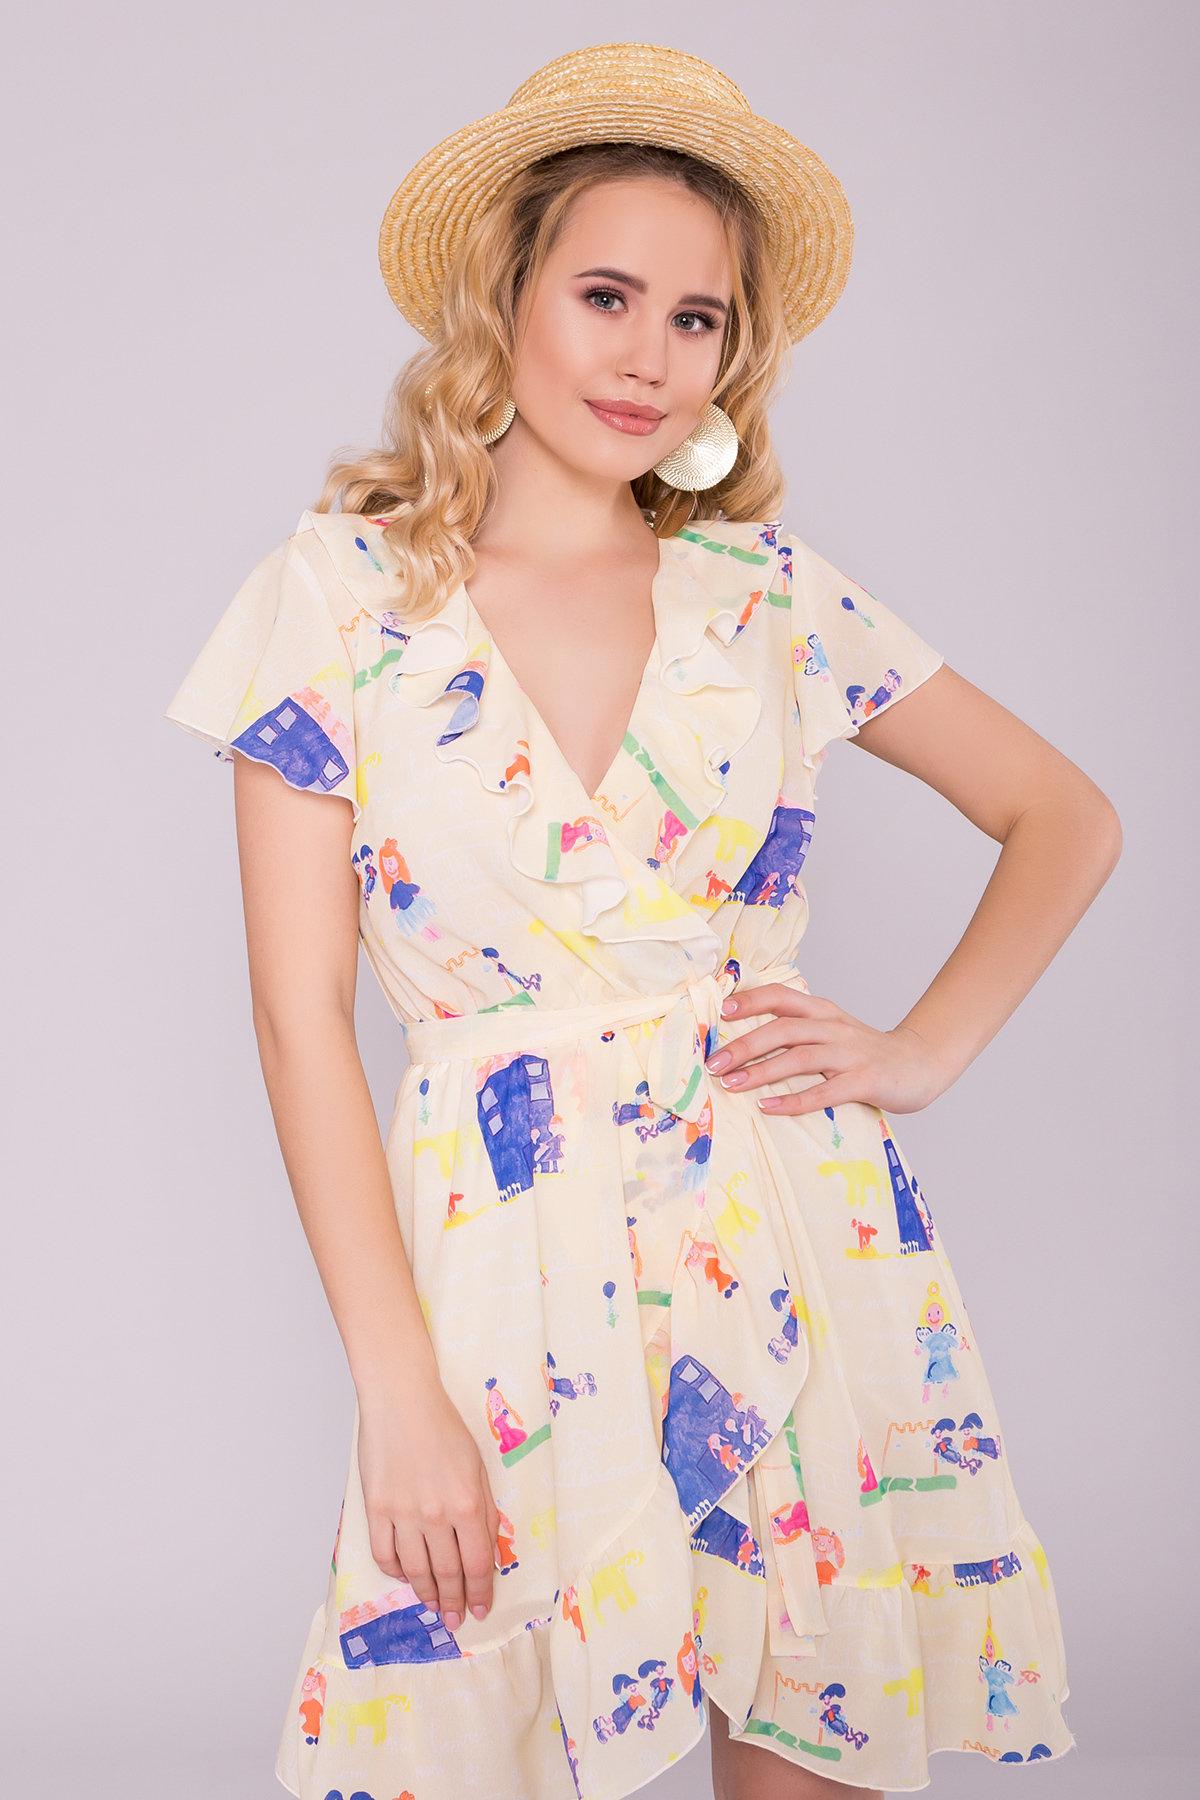 Платье Лигра 7096 АРТ. 42436 Цвет: Лимон дет.рис.14/3 - фото 3, интернет магазин tm-modus.ru